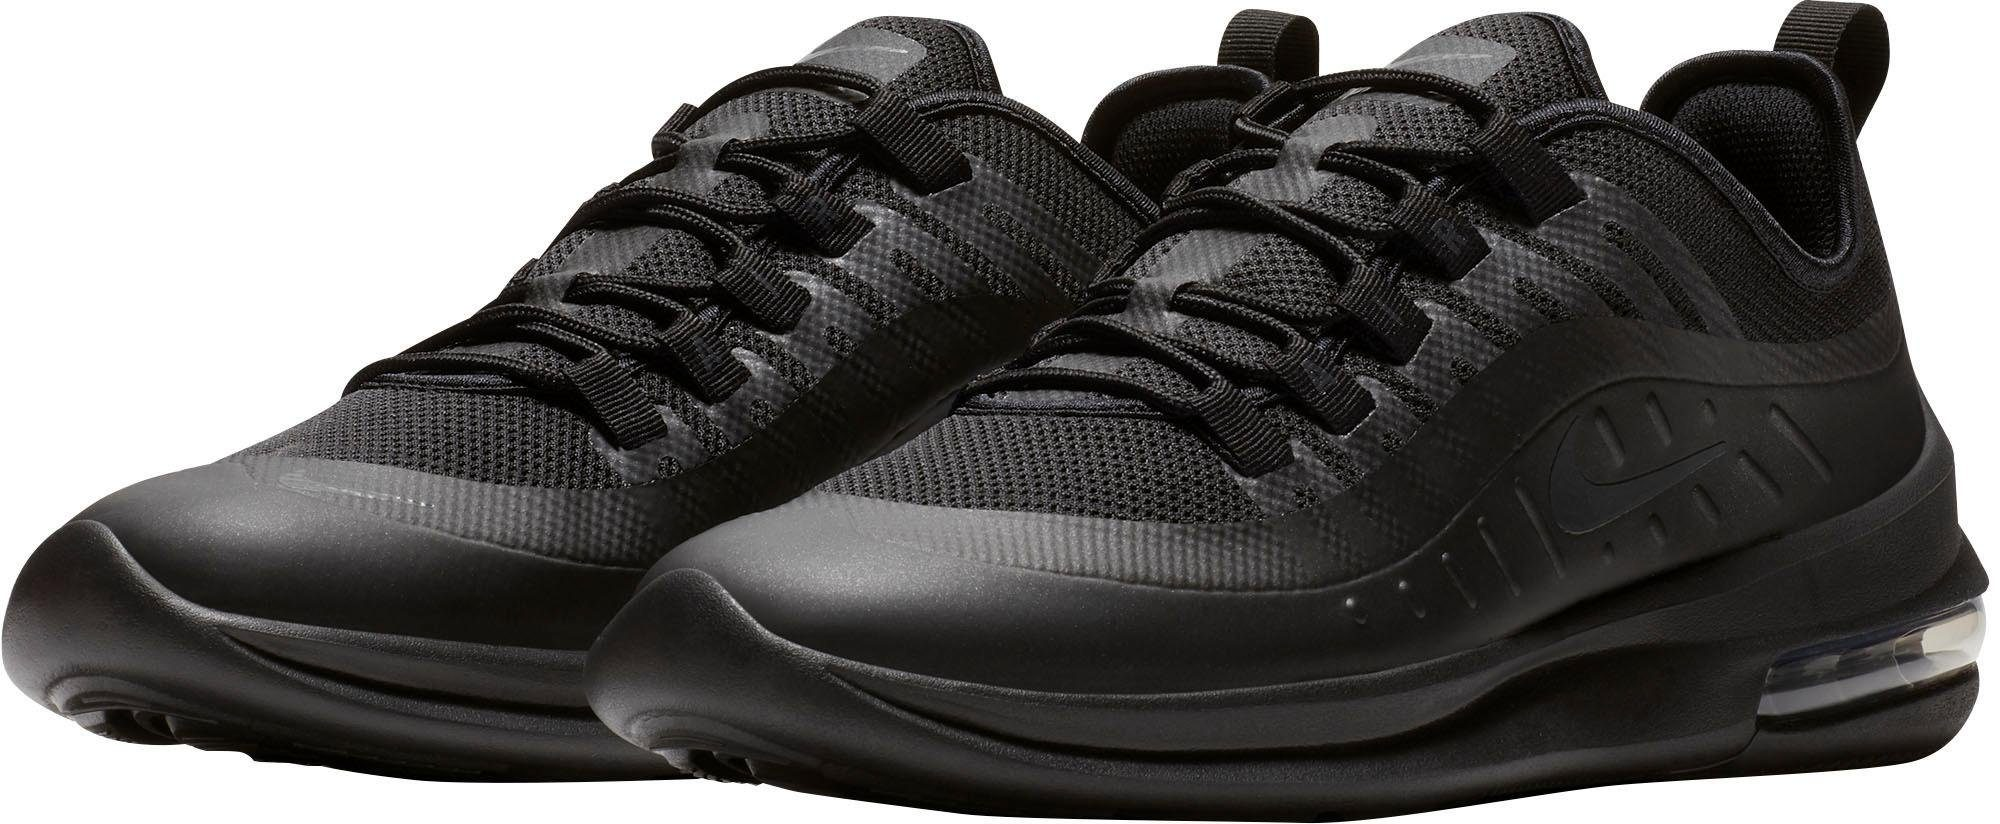 Nike Sportswear »Air Max Axis« Sneaker kaufen | OTTO